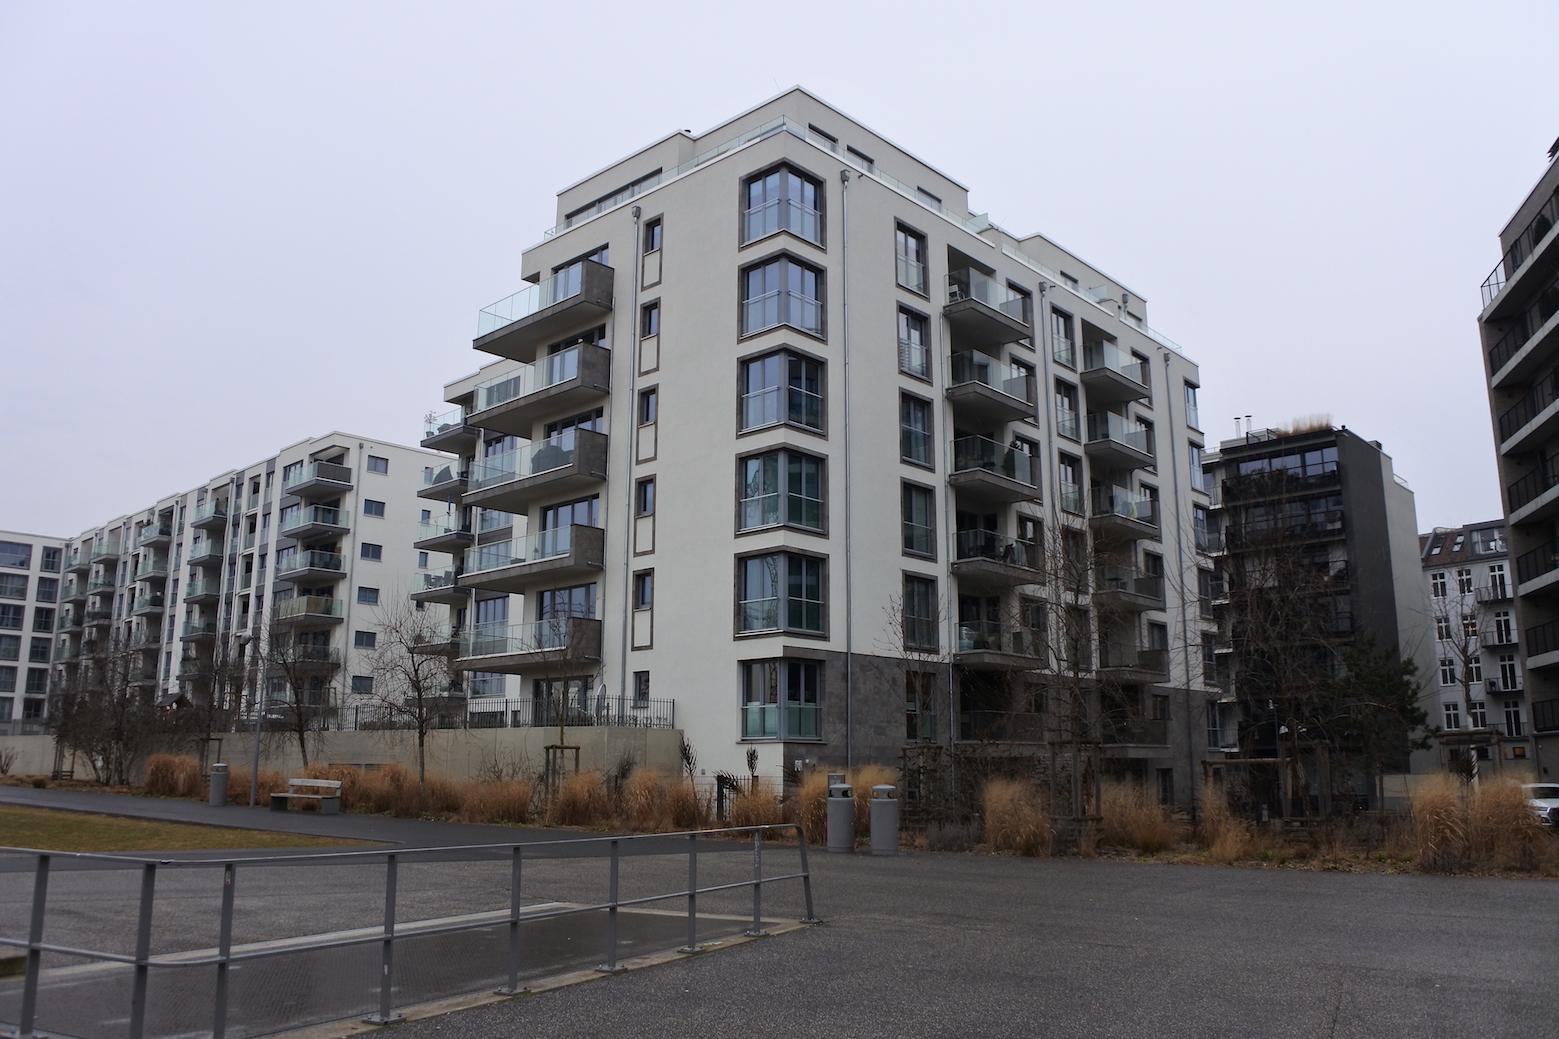 Договор аренды в Германии на квартиру